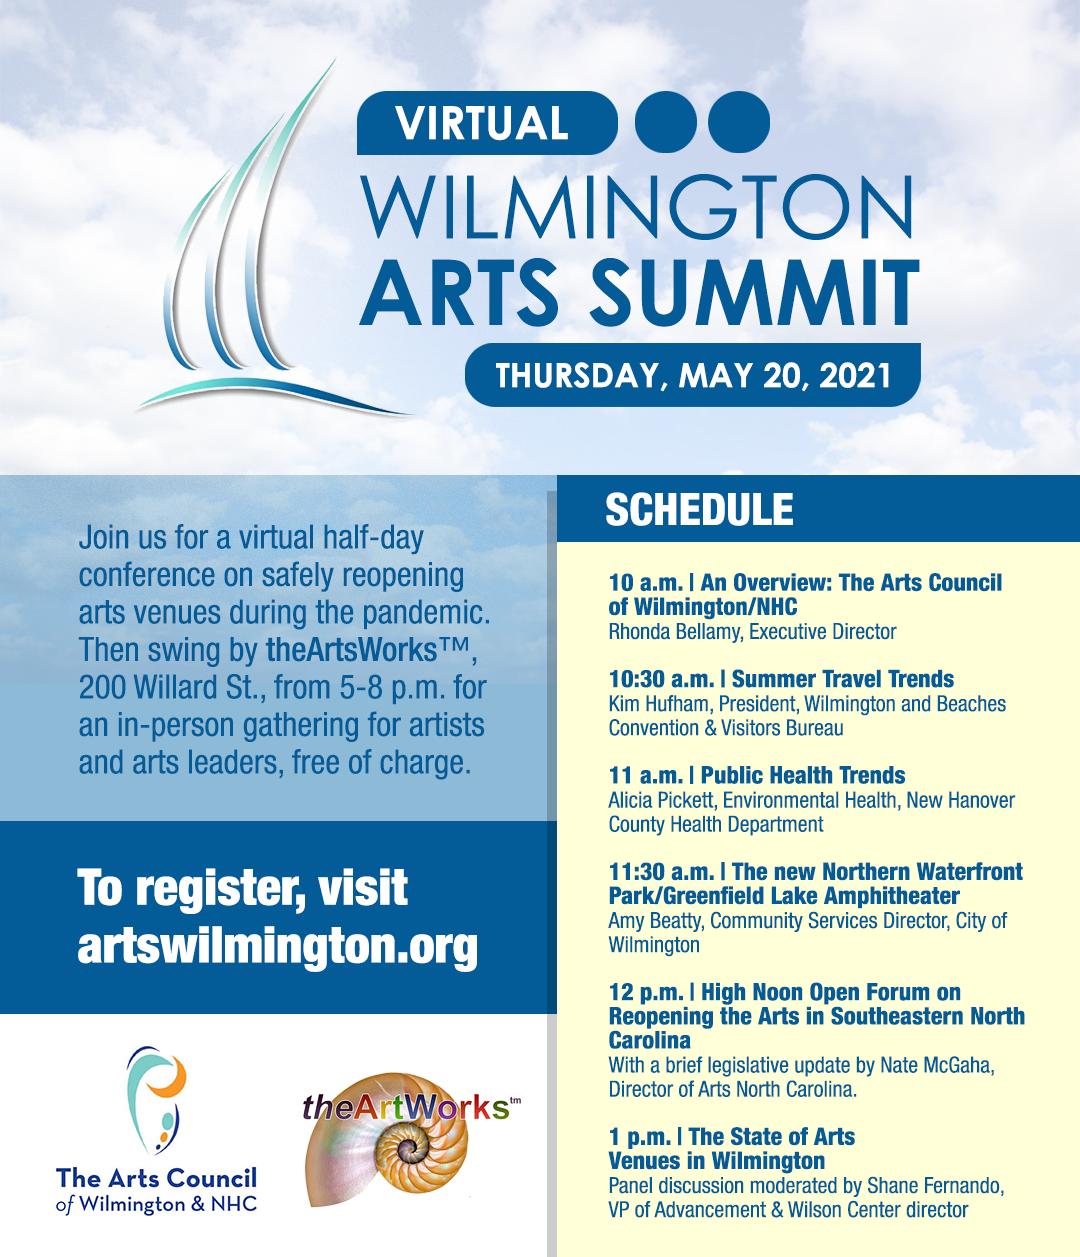 Wilmington Arts Summit